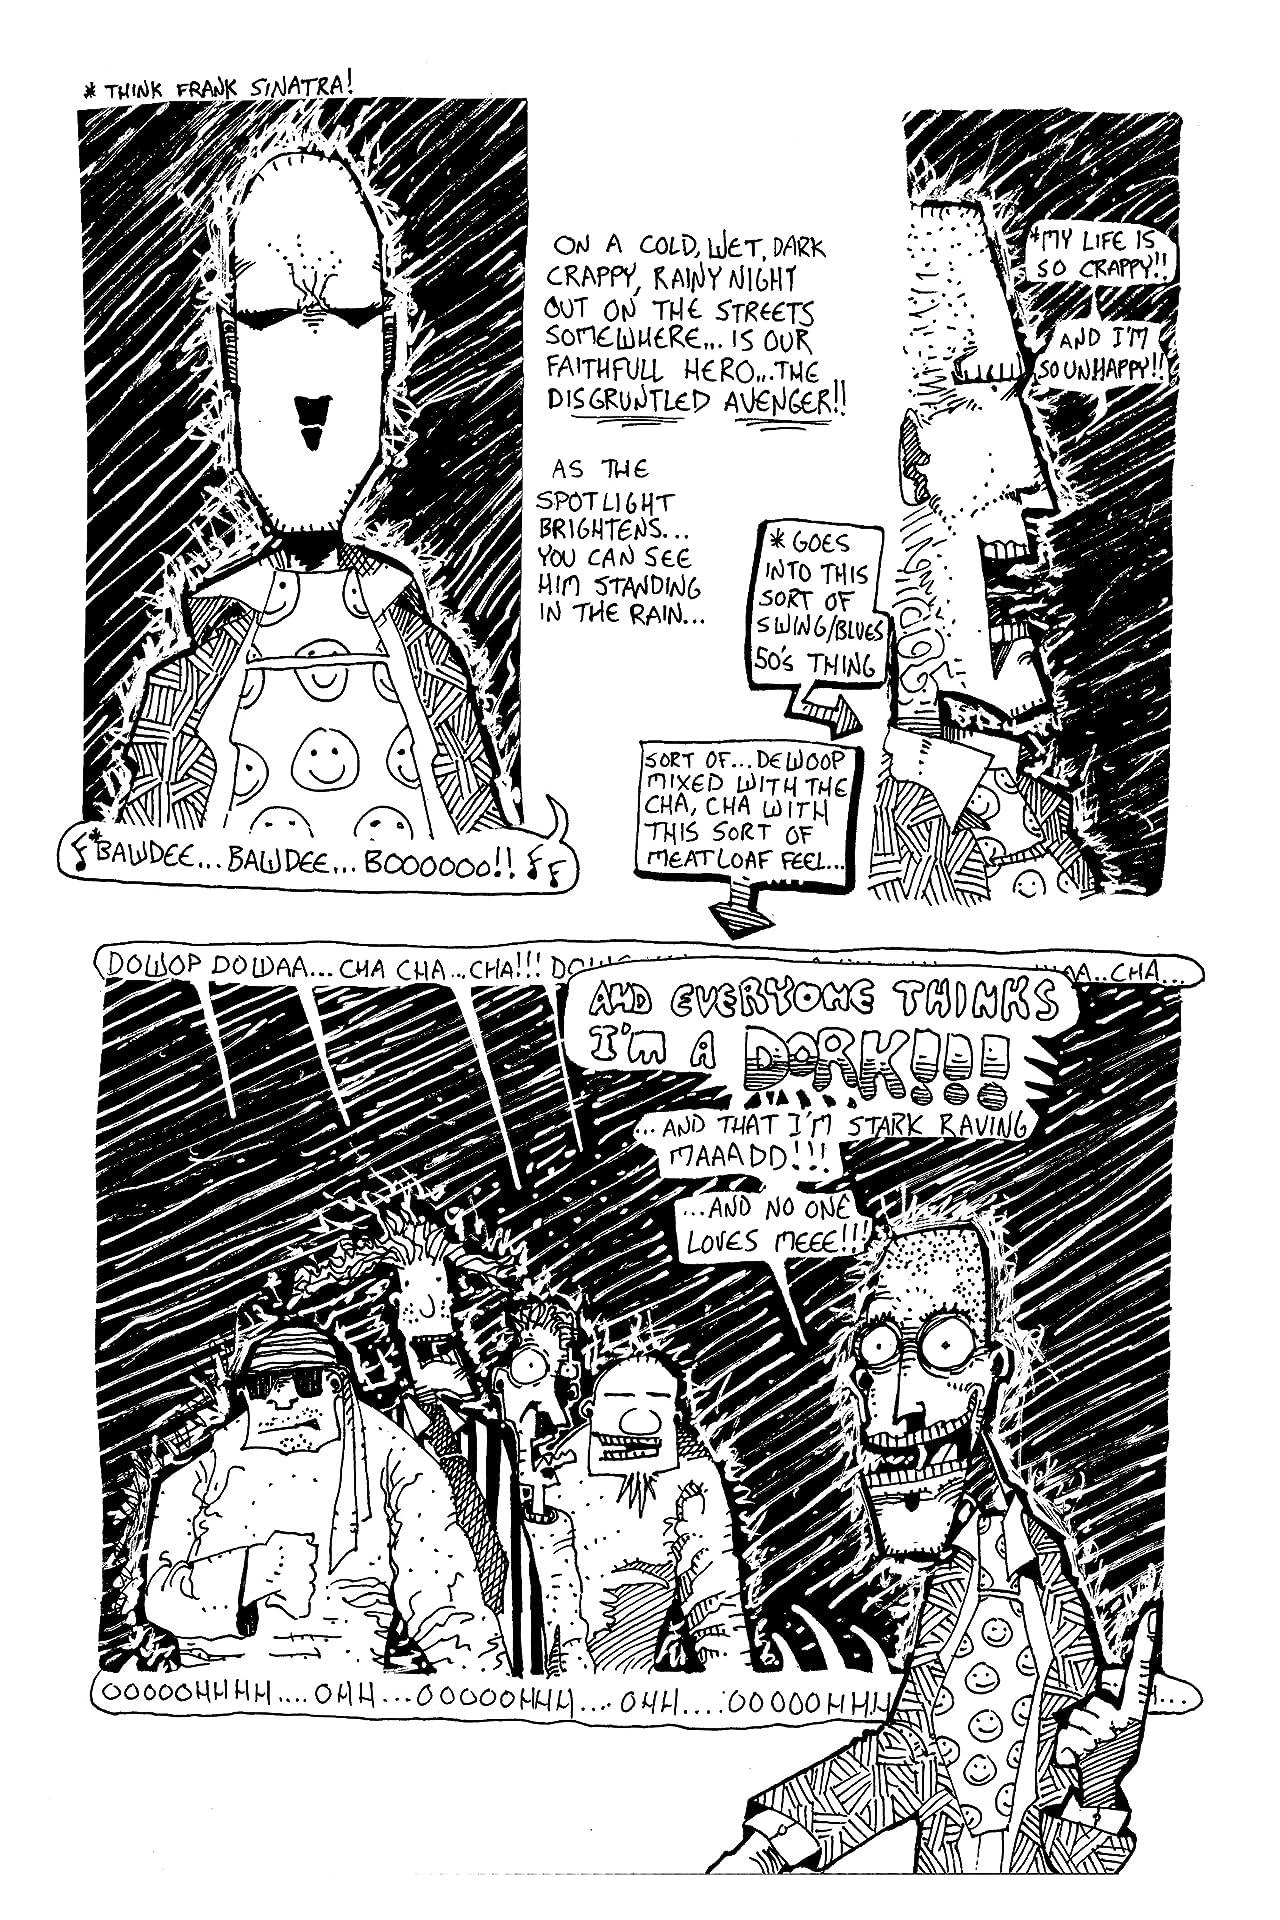 The Disgruntled Avenger #8